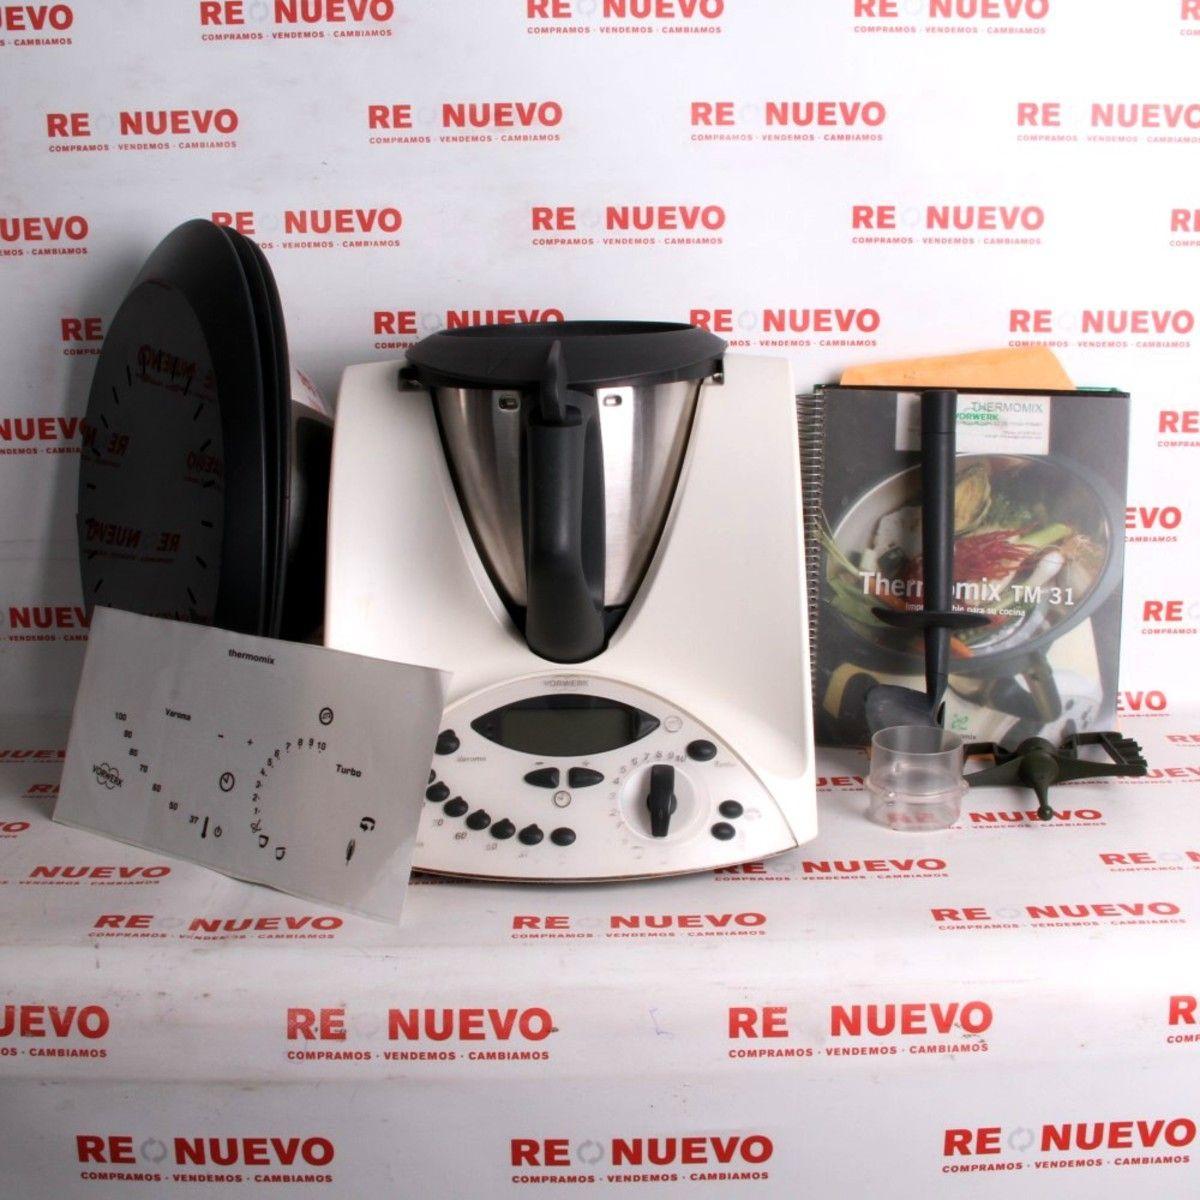 Robot de cocina thermomix tm 31 de segunda mano e289227 tienda online de segunda mano - Thermomix o robot de cocina ...